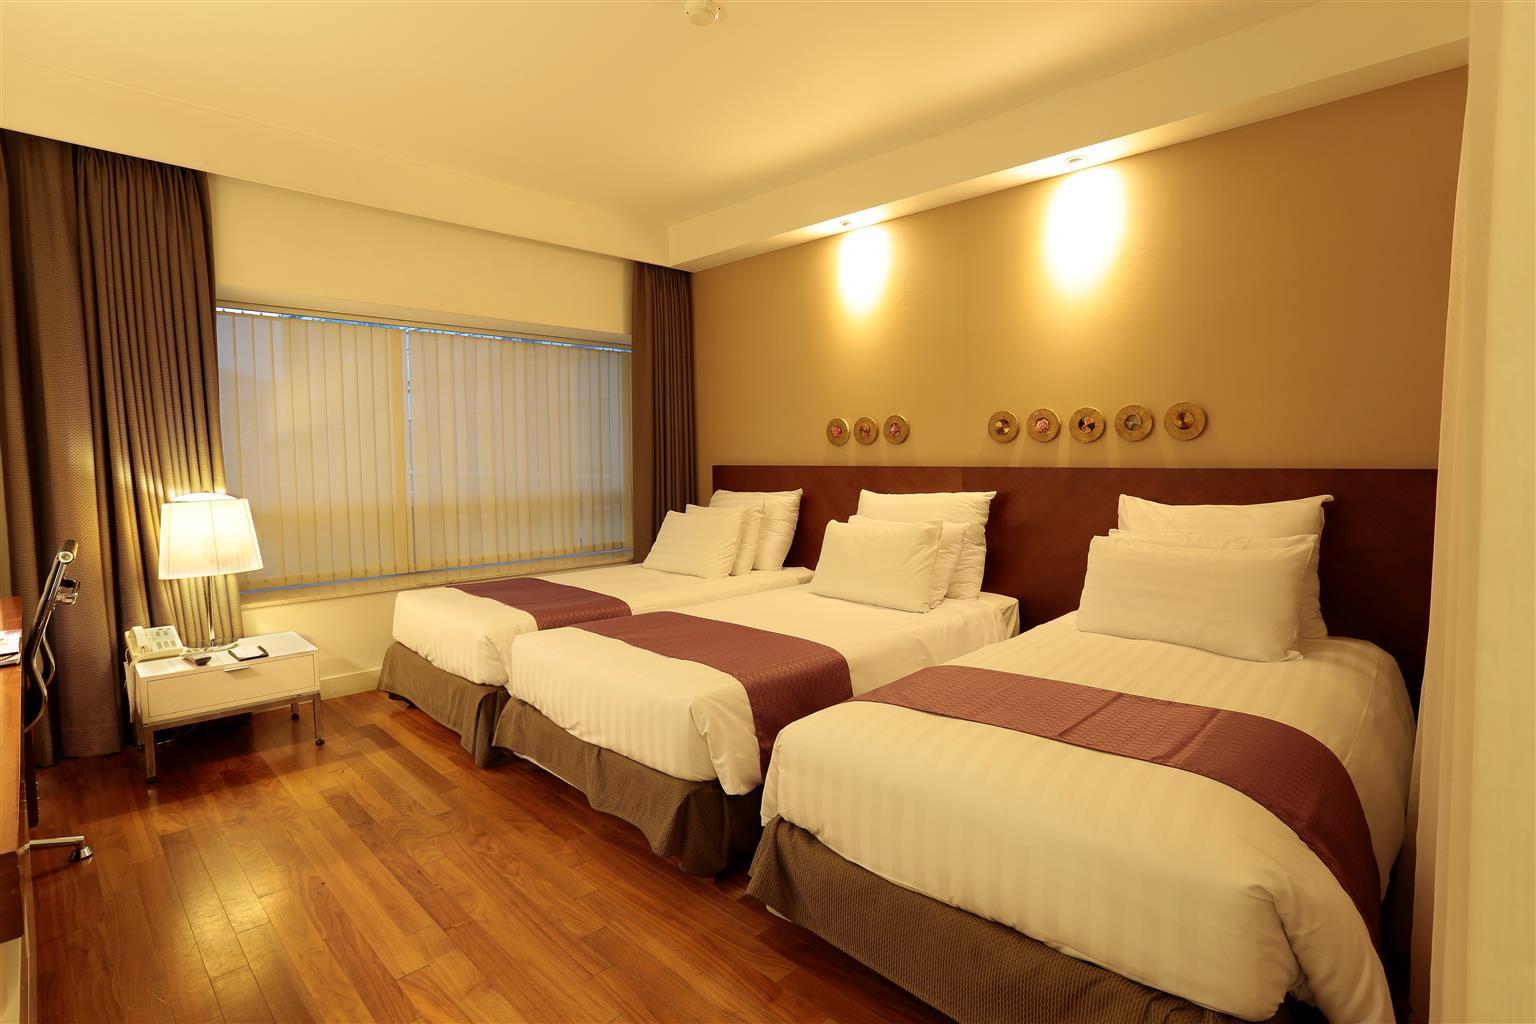 Book best western premier hotel kukdo seoul south korea hotels com -  99512_014_guestroom 99512_015_guestroom 99512_016_guestroom 99512_017_guestroom 99512_018_guestroom 99512_019_guestroom 99512_020_guestroom